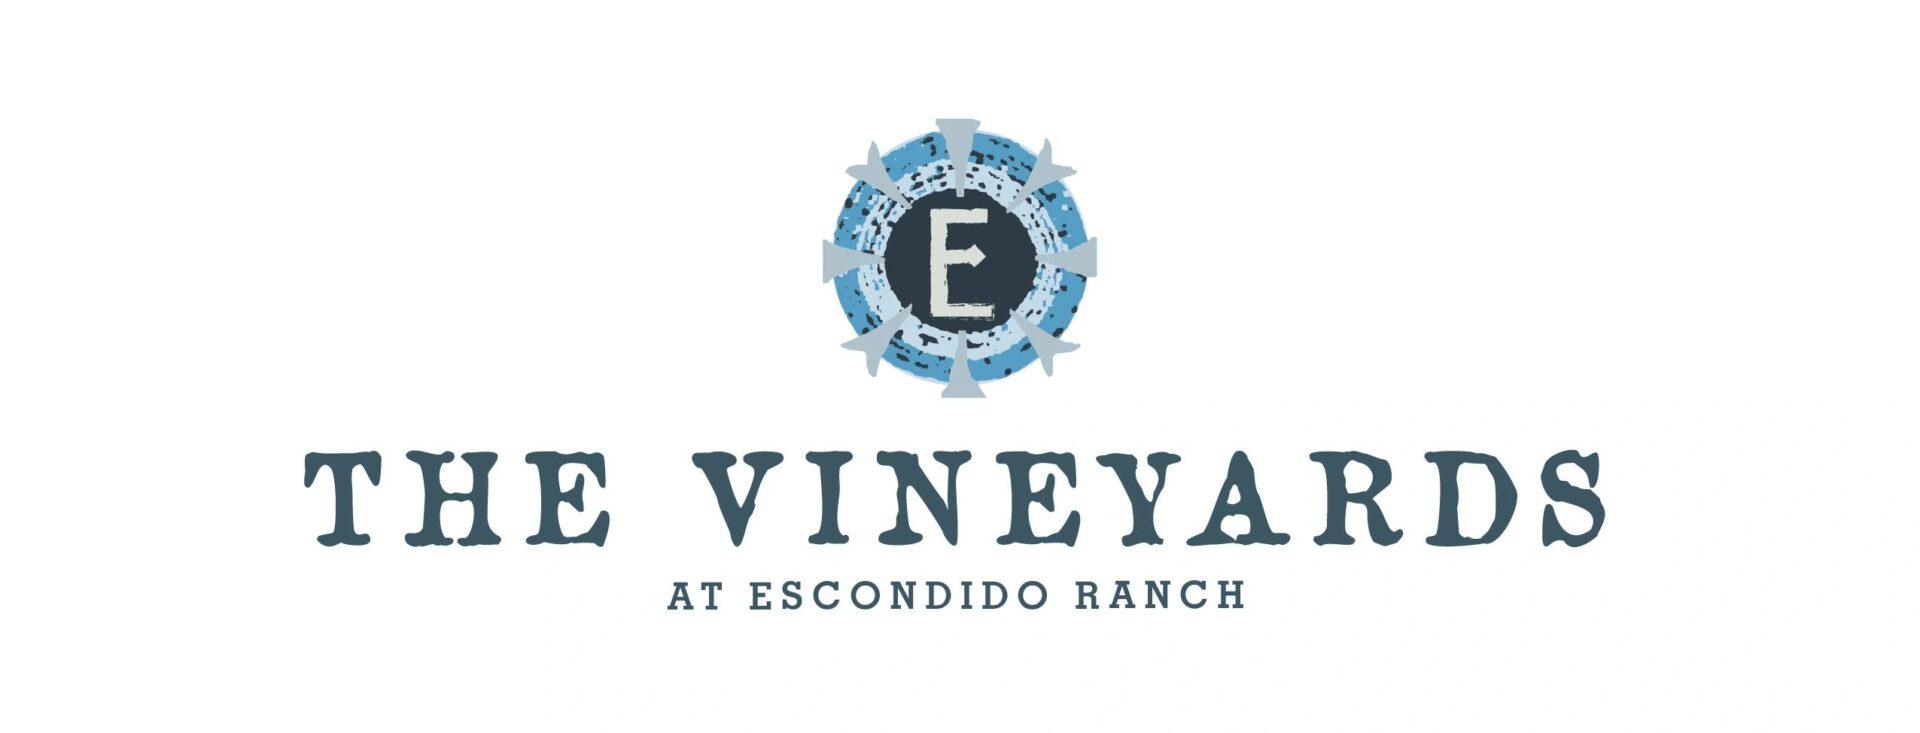 THE VINEYARDS AT ESCONDIDO RANCH